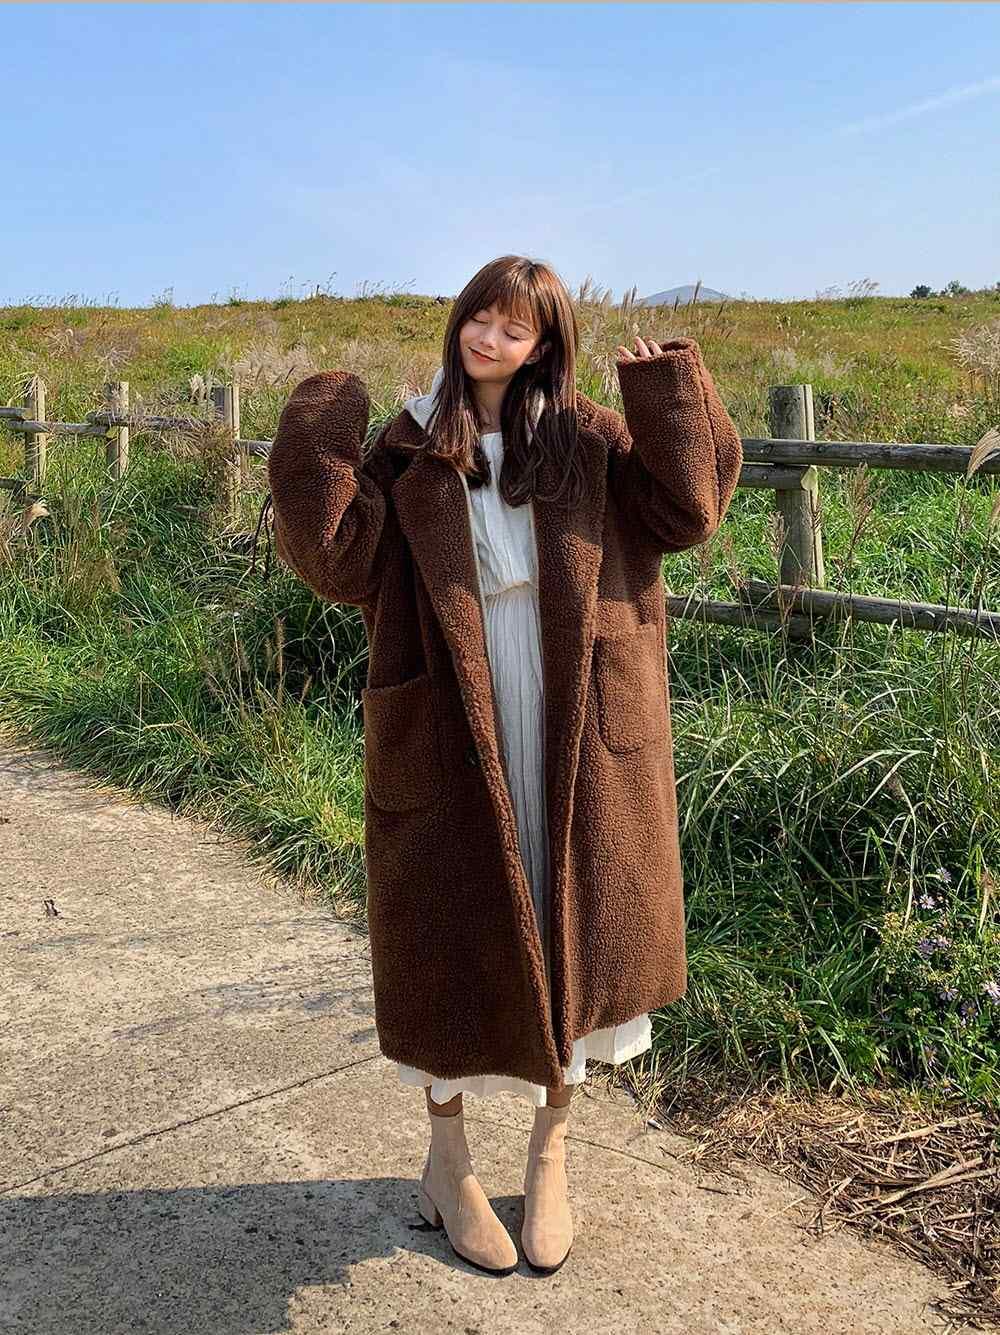 3.泰迪熊外套-最近超夯的泰迪熊毛毛外套!小編追蹤了好多韓妞小姐姐也都人手一件呢!觸感軟綿綿,就像在冬天裹著一條棉被出門一樣,顏色也非常好搭不易出錯,即使是普通的穿搭,套上這件就能夠讓整體變得十分特別呢!